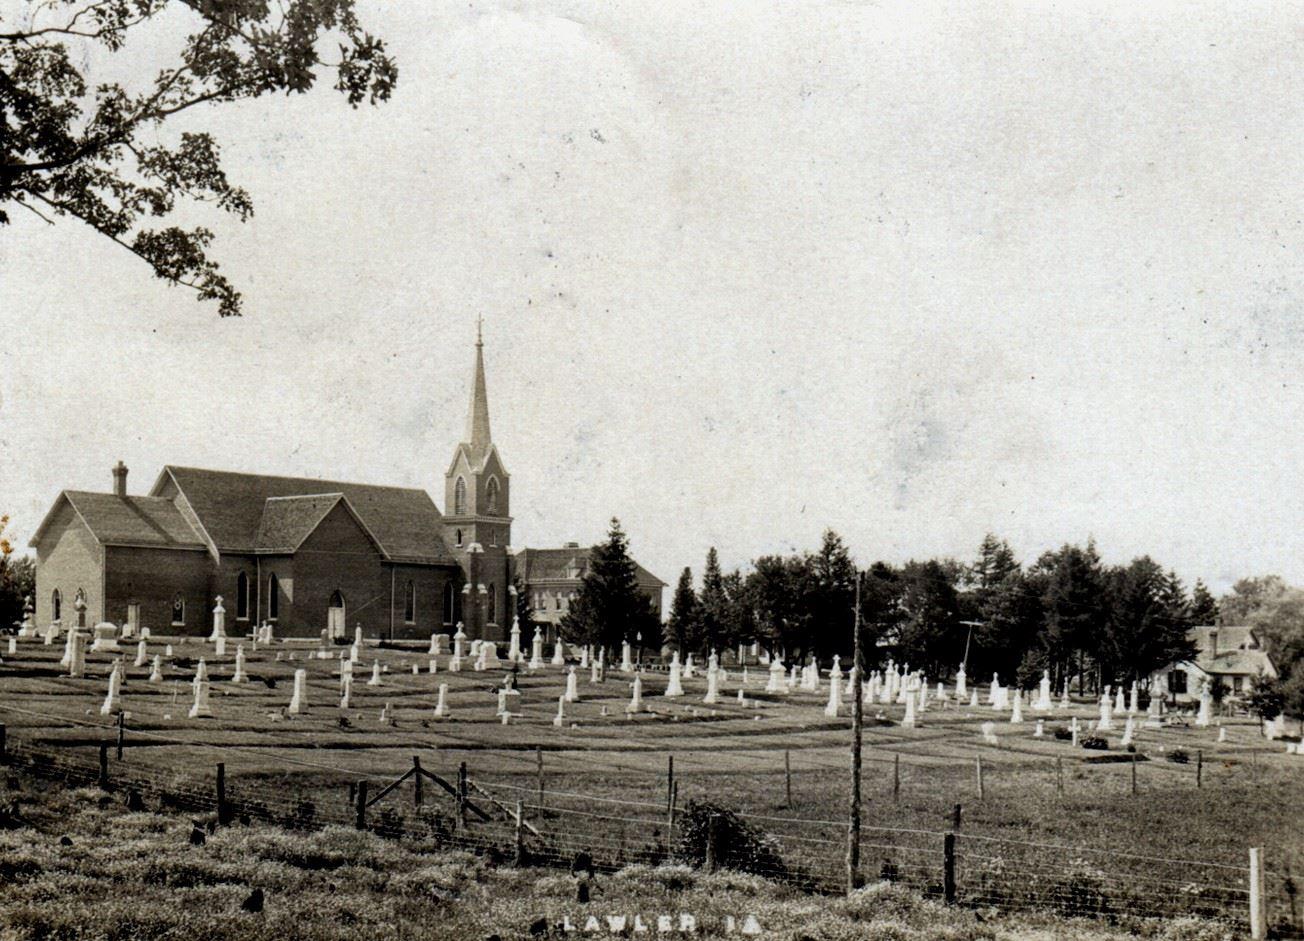 OLMC circa 1900